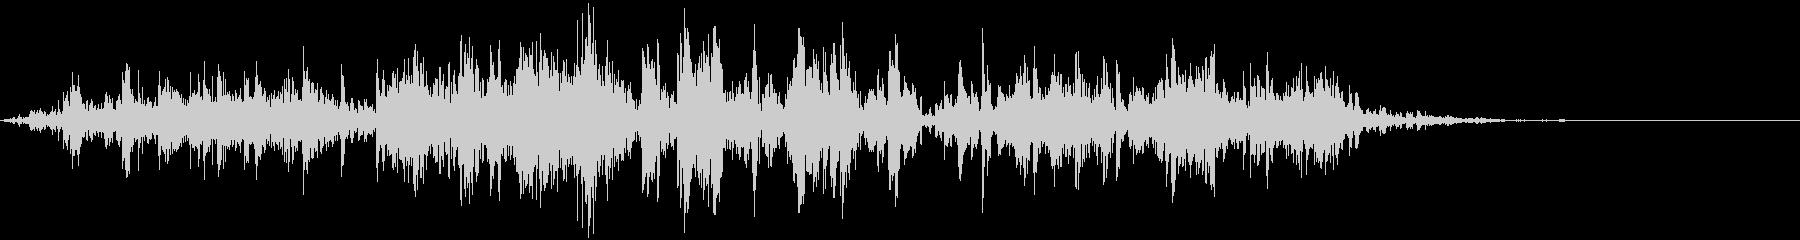 鎖を動かす音8【長い】の未再生の波形